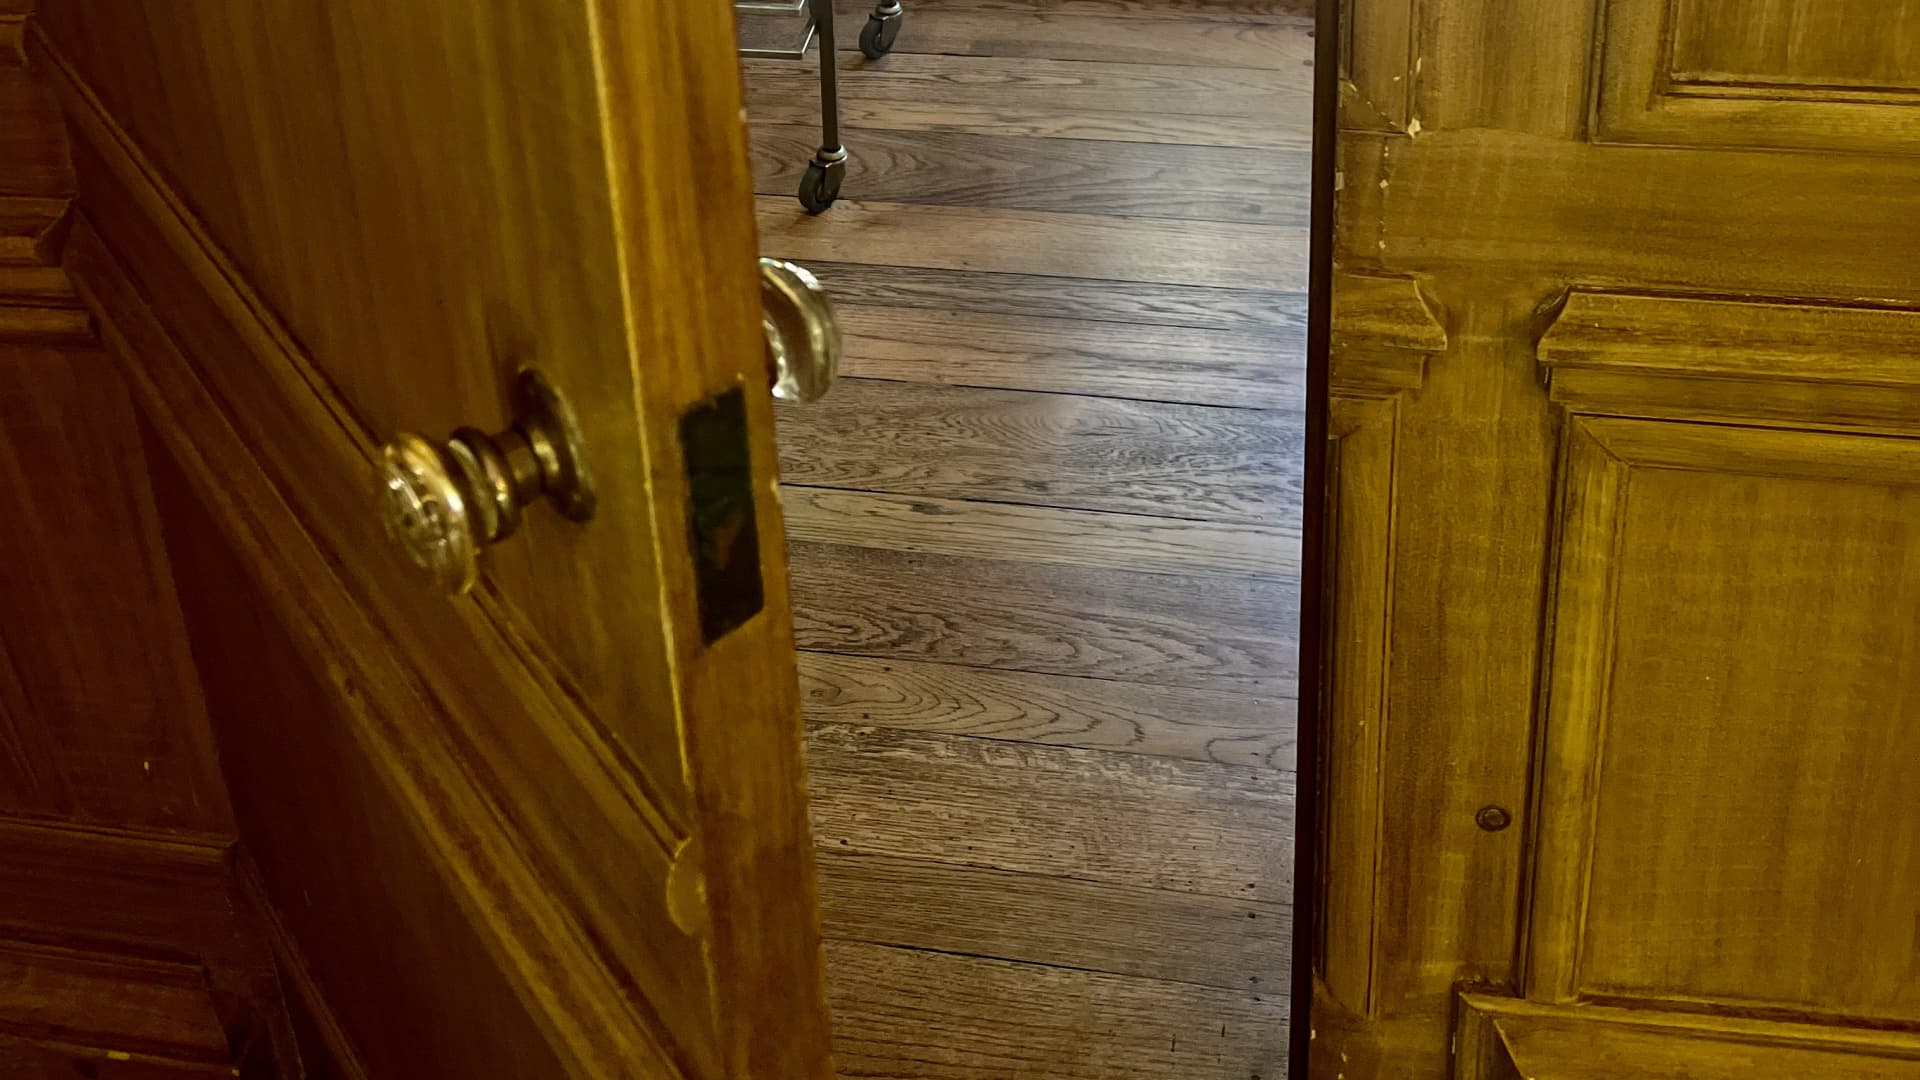 Secret door in living room blends in with the wood paneling